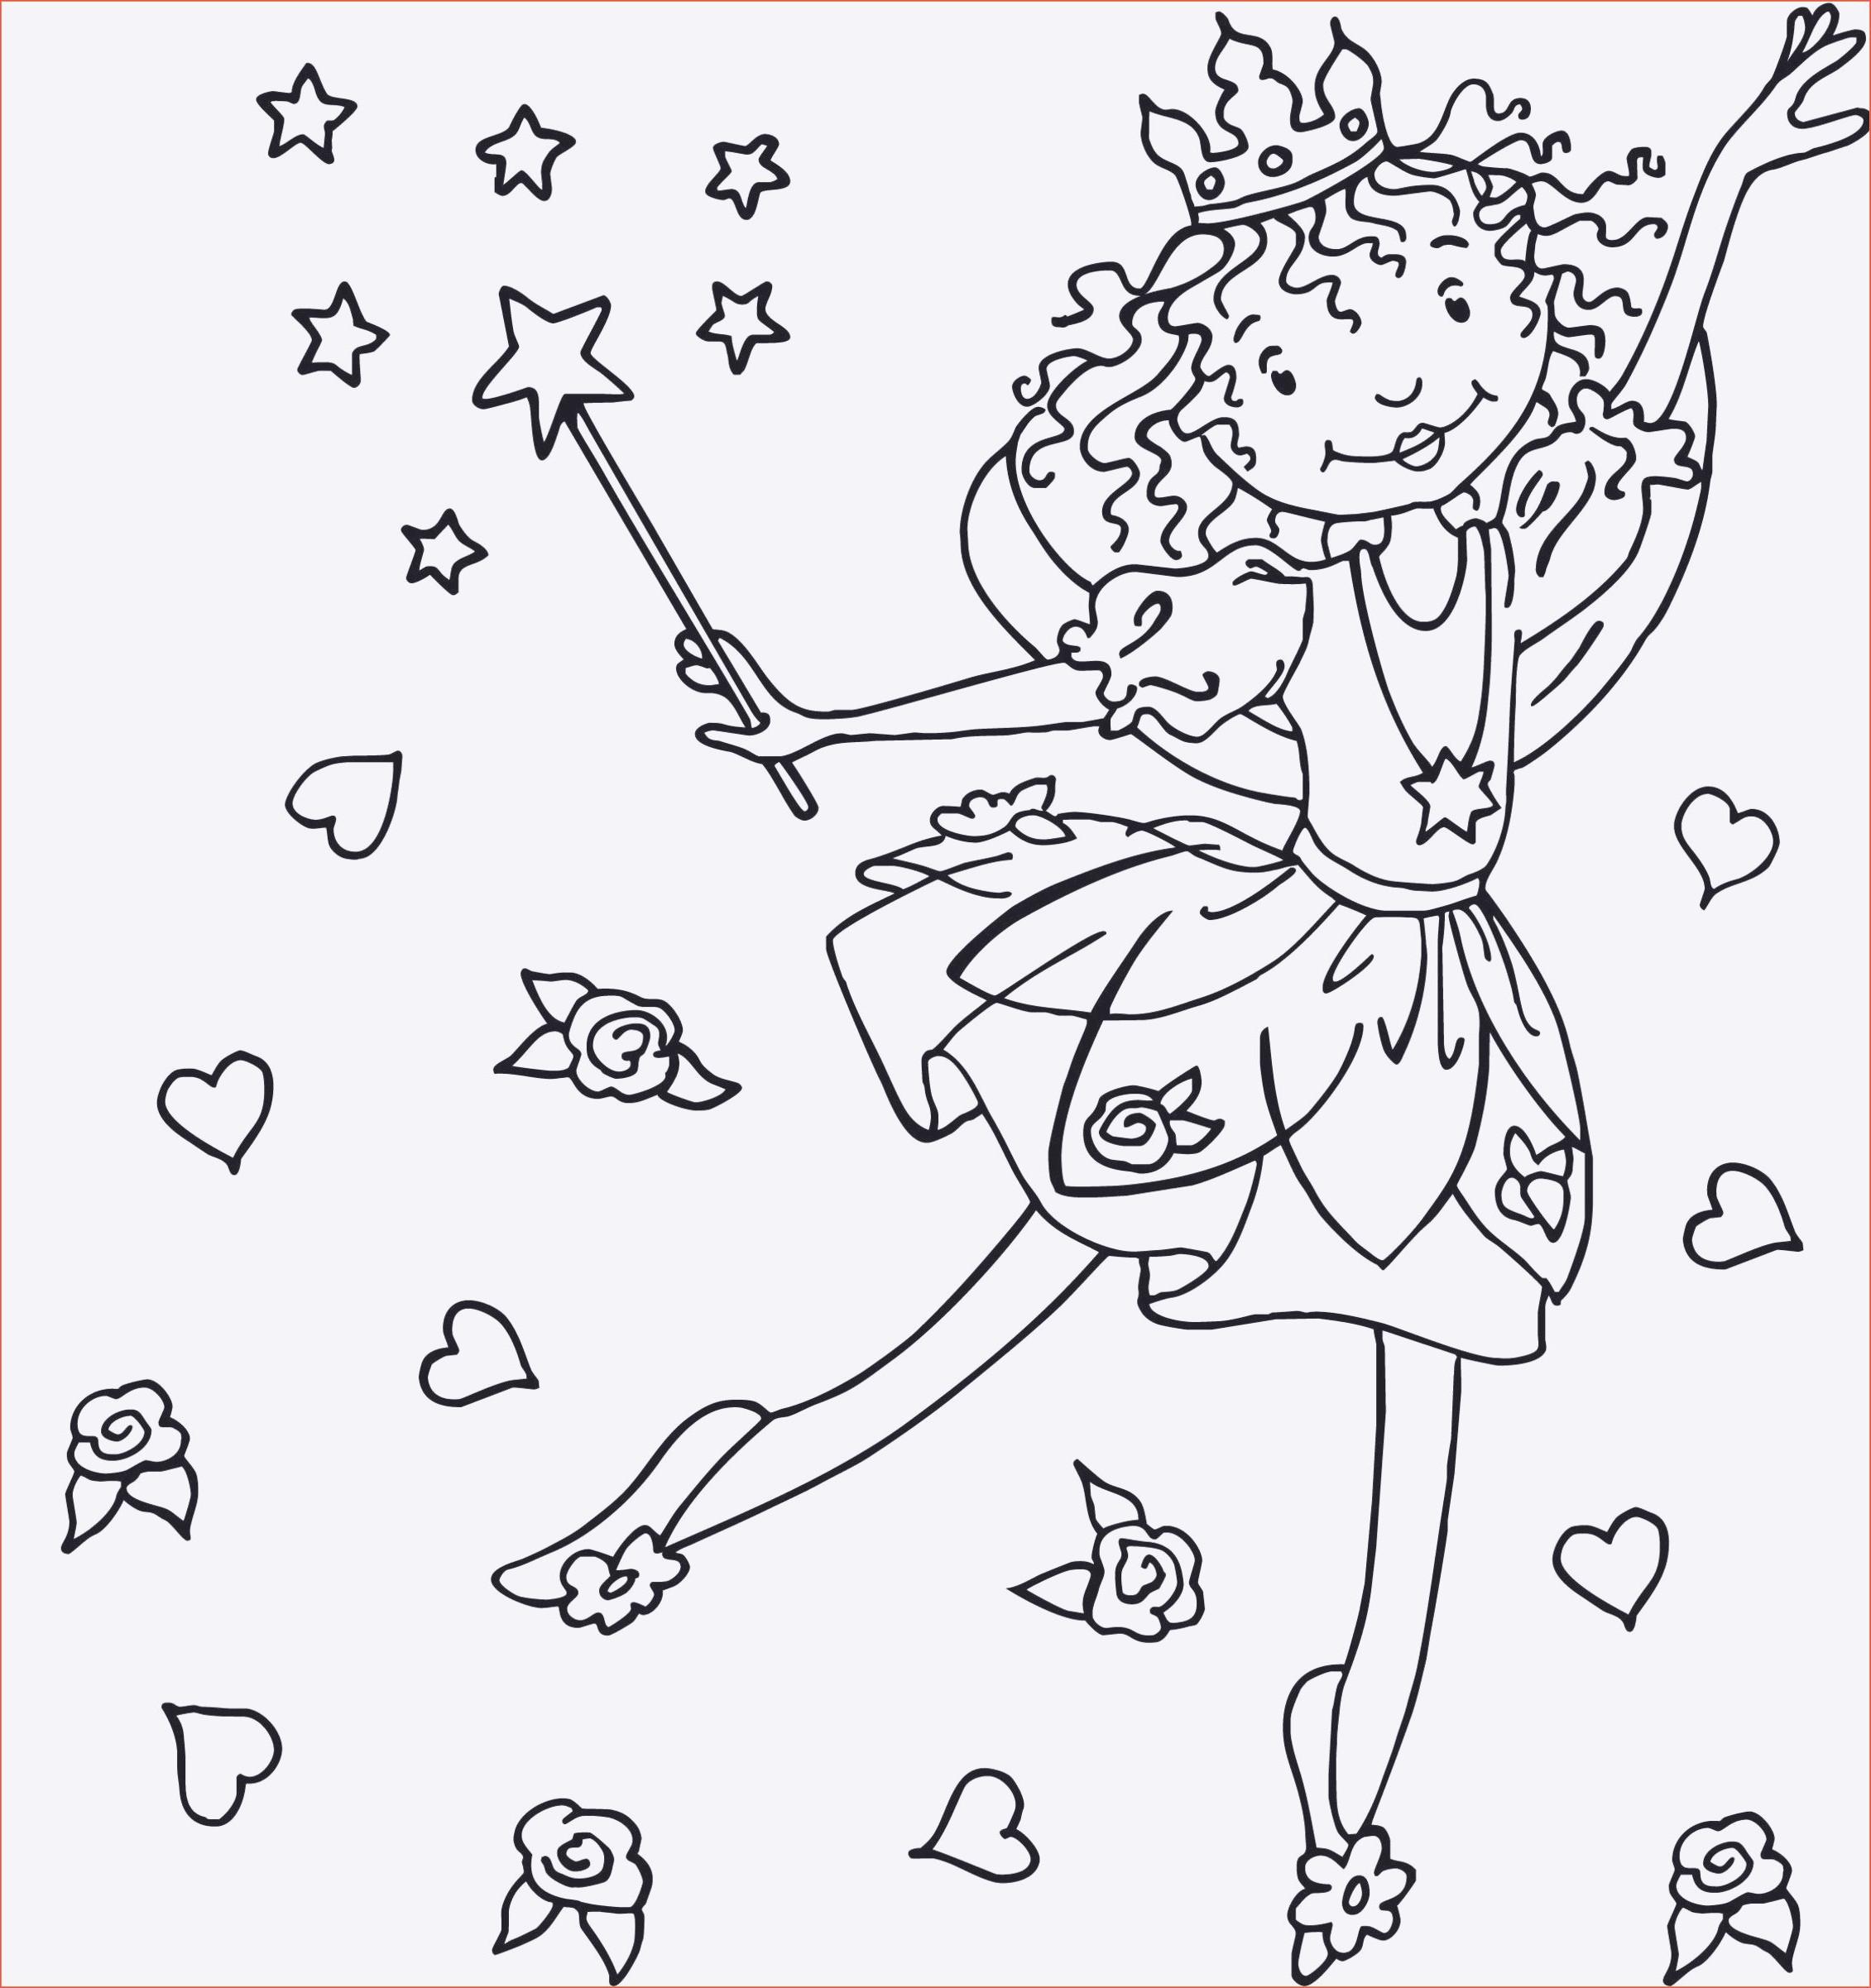 Disney Princess Ausmalbilder Neu 23 Luxus Prinzessin Ausmalbilder – Malvorlagen Ideen Bild